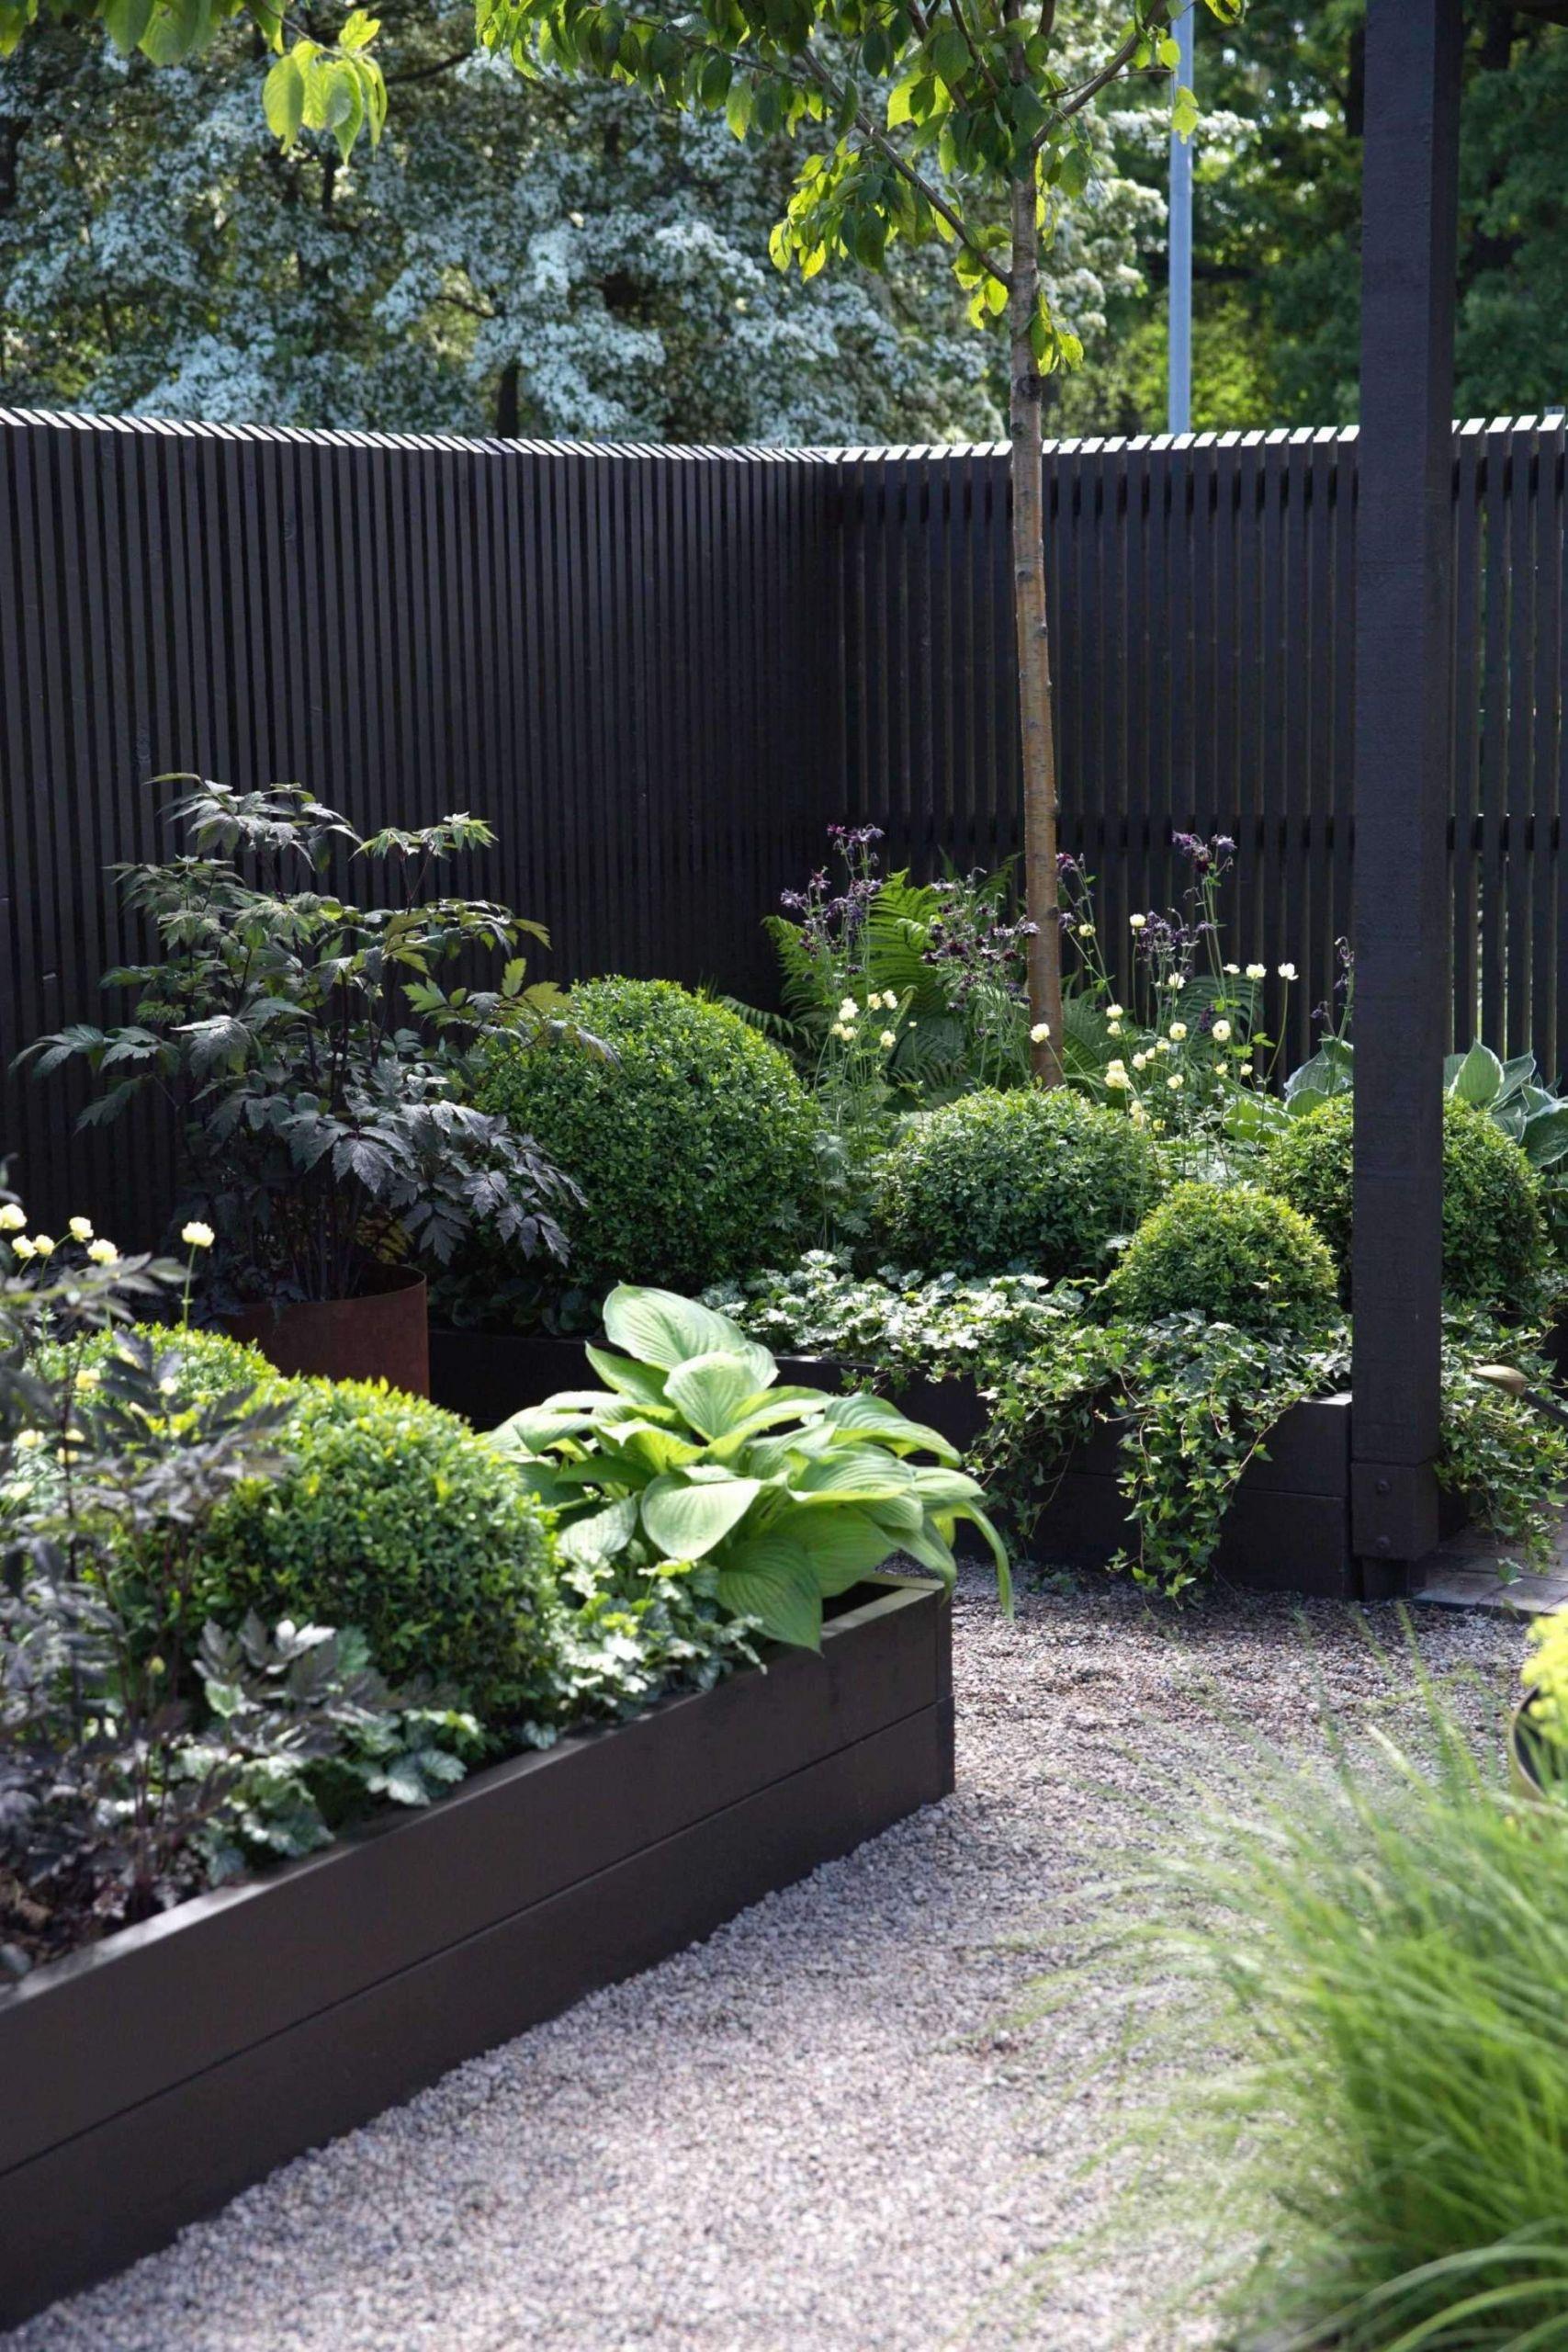 Pflegeleichter Garten Senioren Einzigartig Pflegeleichter Garten Modern — Temobardz Home Blog